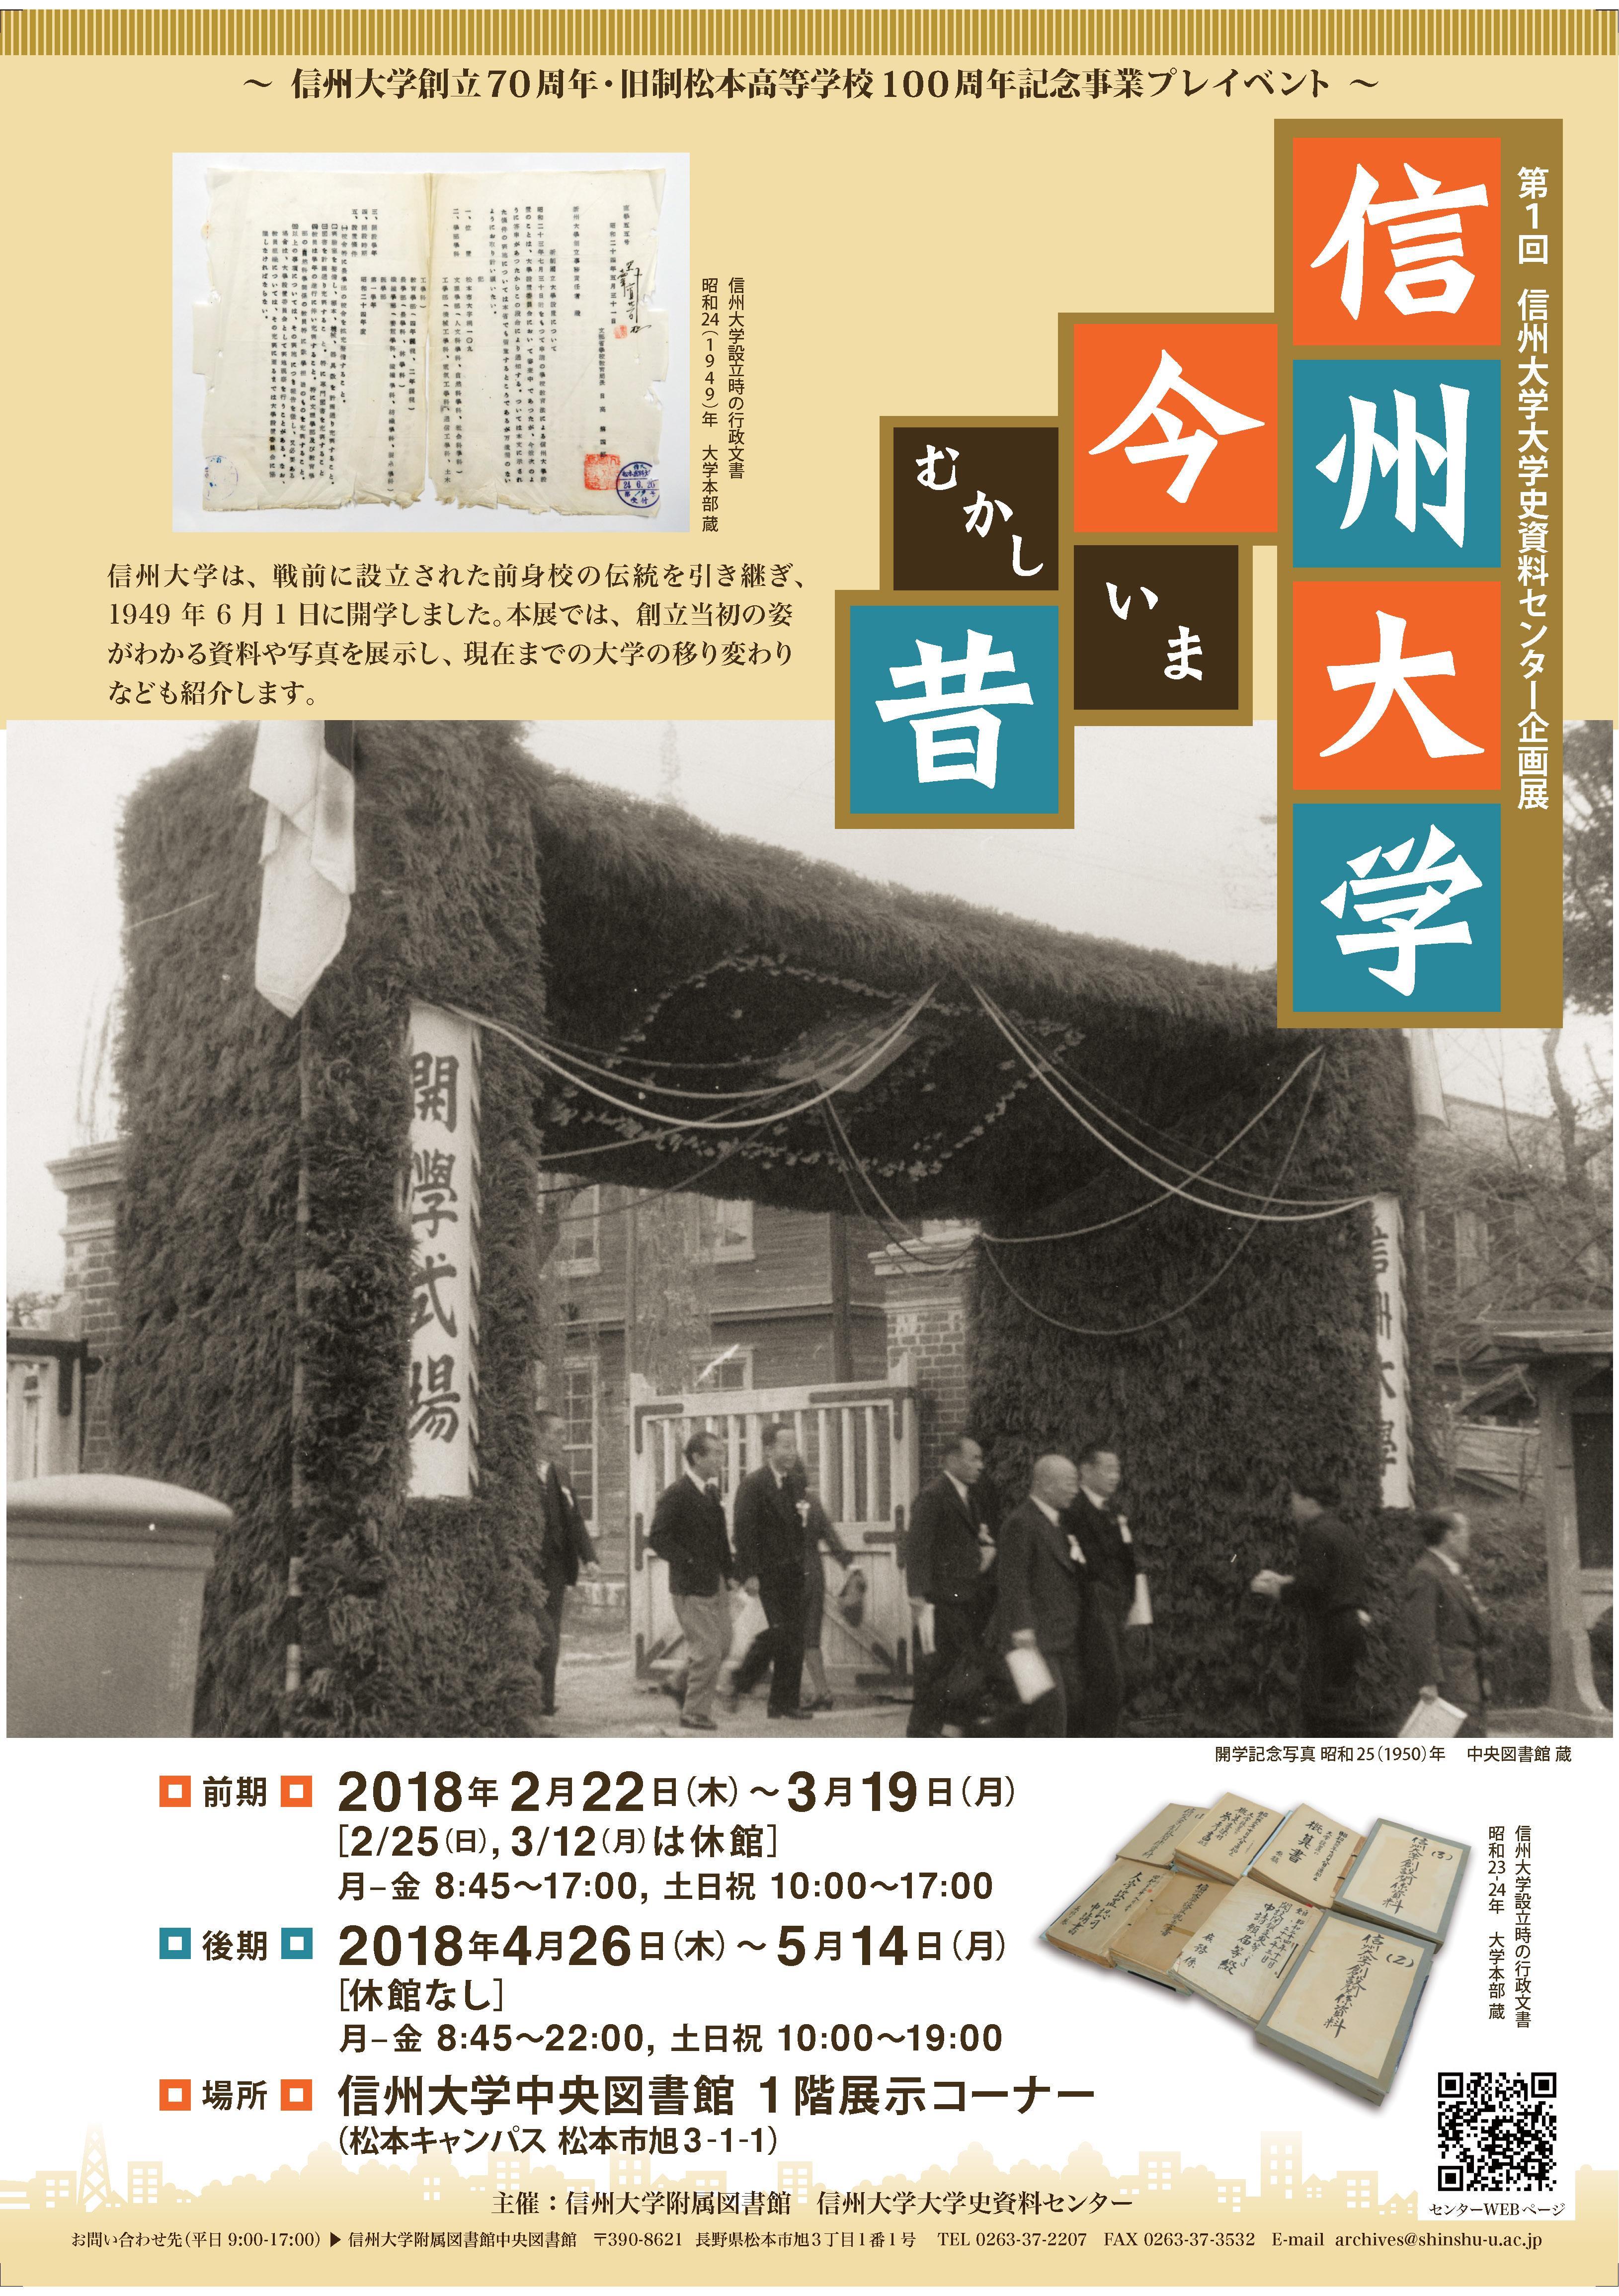 大学史資料センター第1回企画展